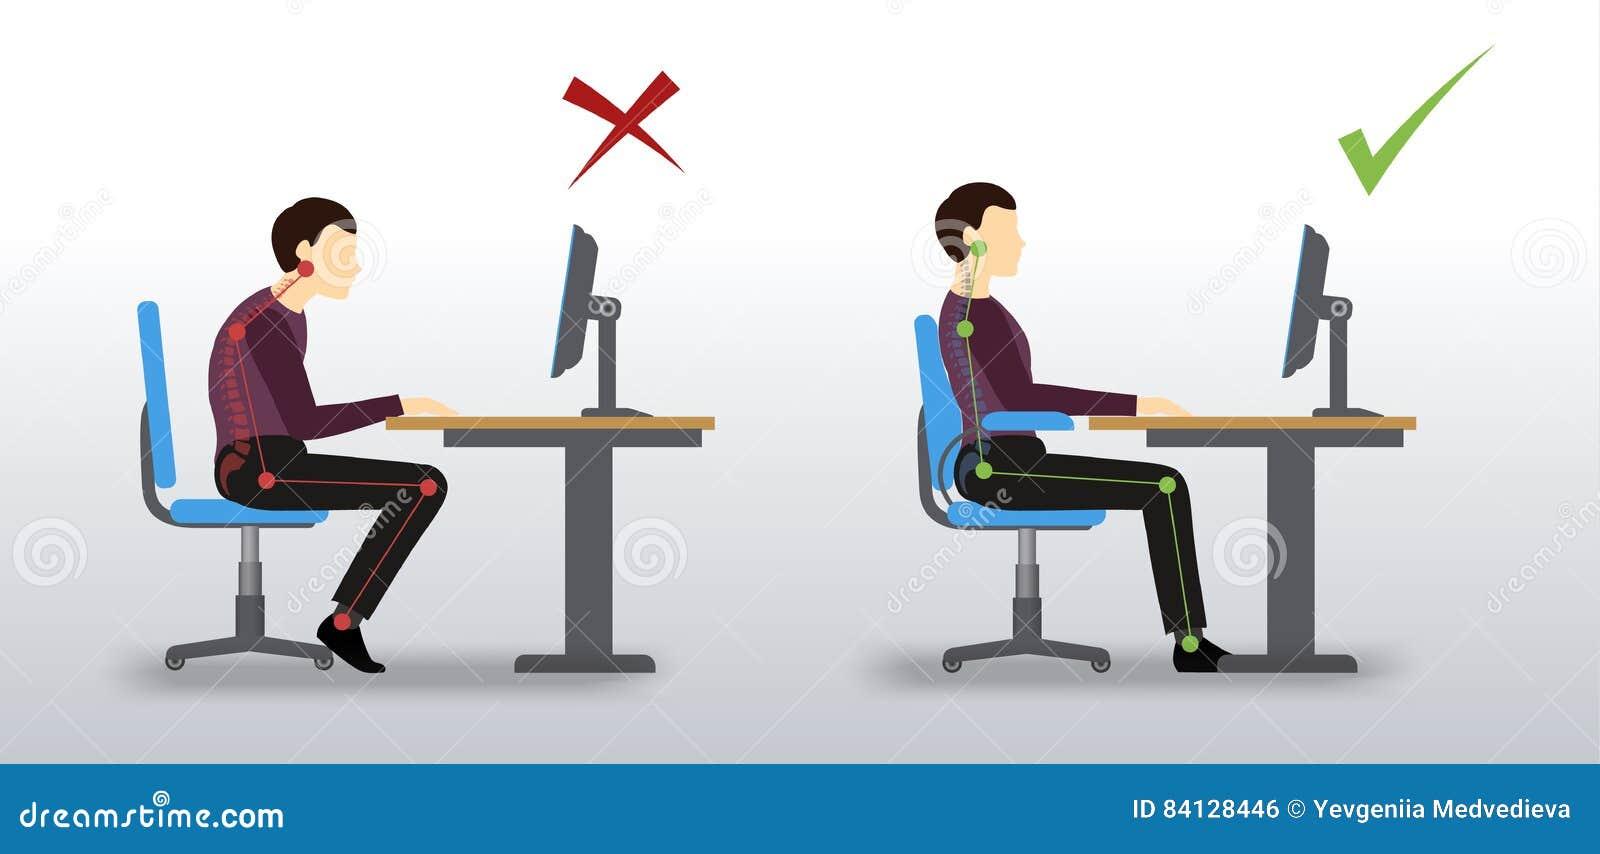 人体工程 错误和正确坐姿 向量例证 插画 包括有 计算机 人力 痛苦 男朋友 关心 肌肉 医疗